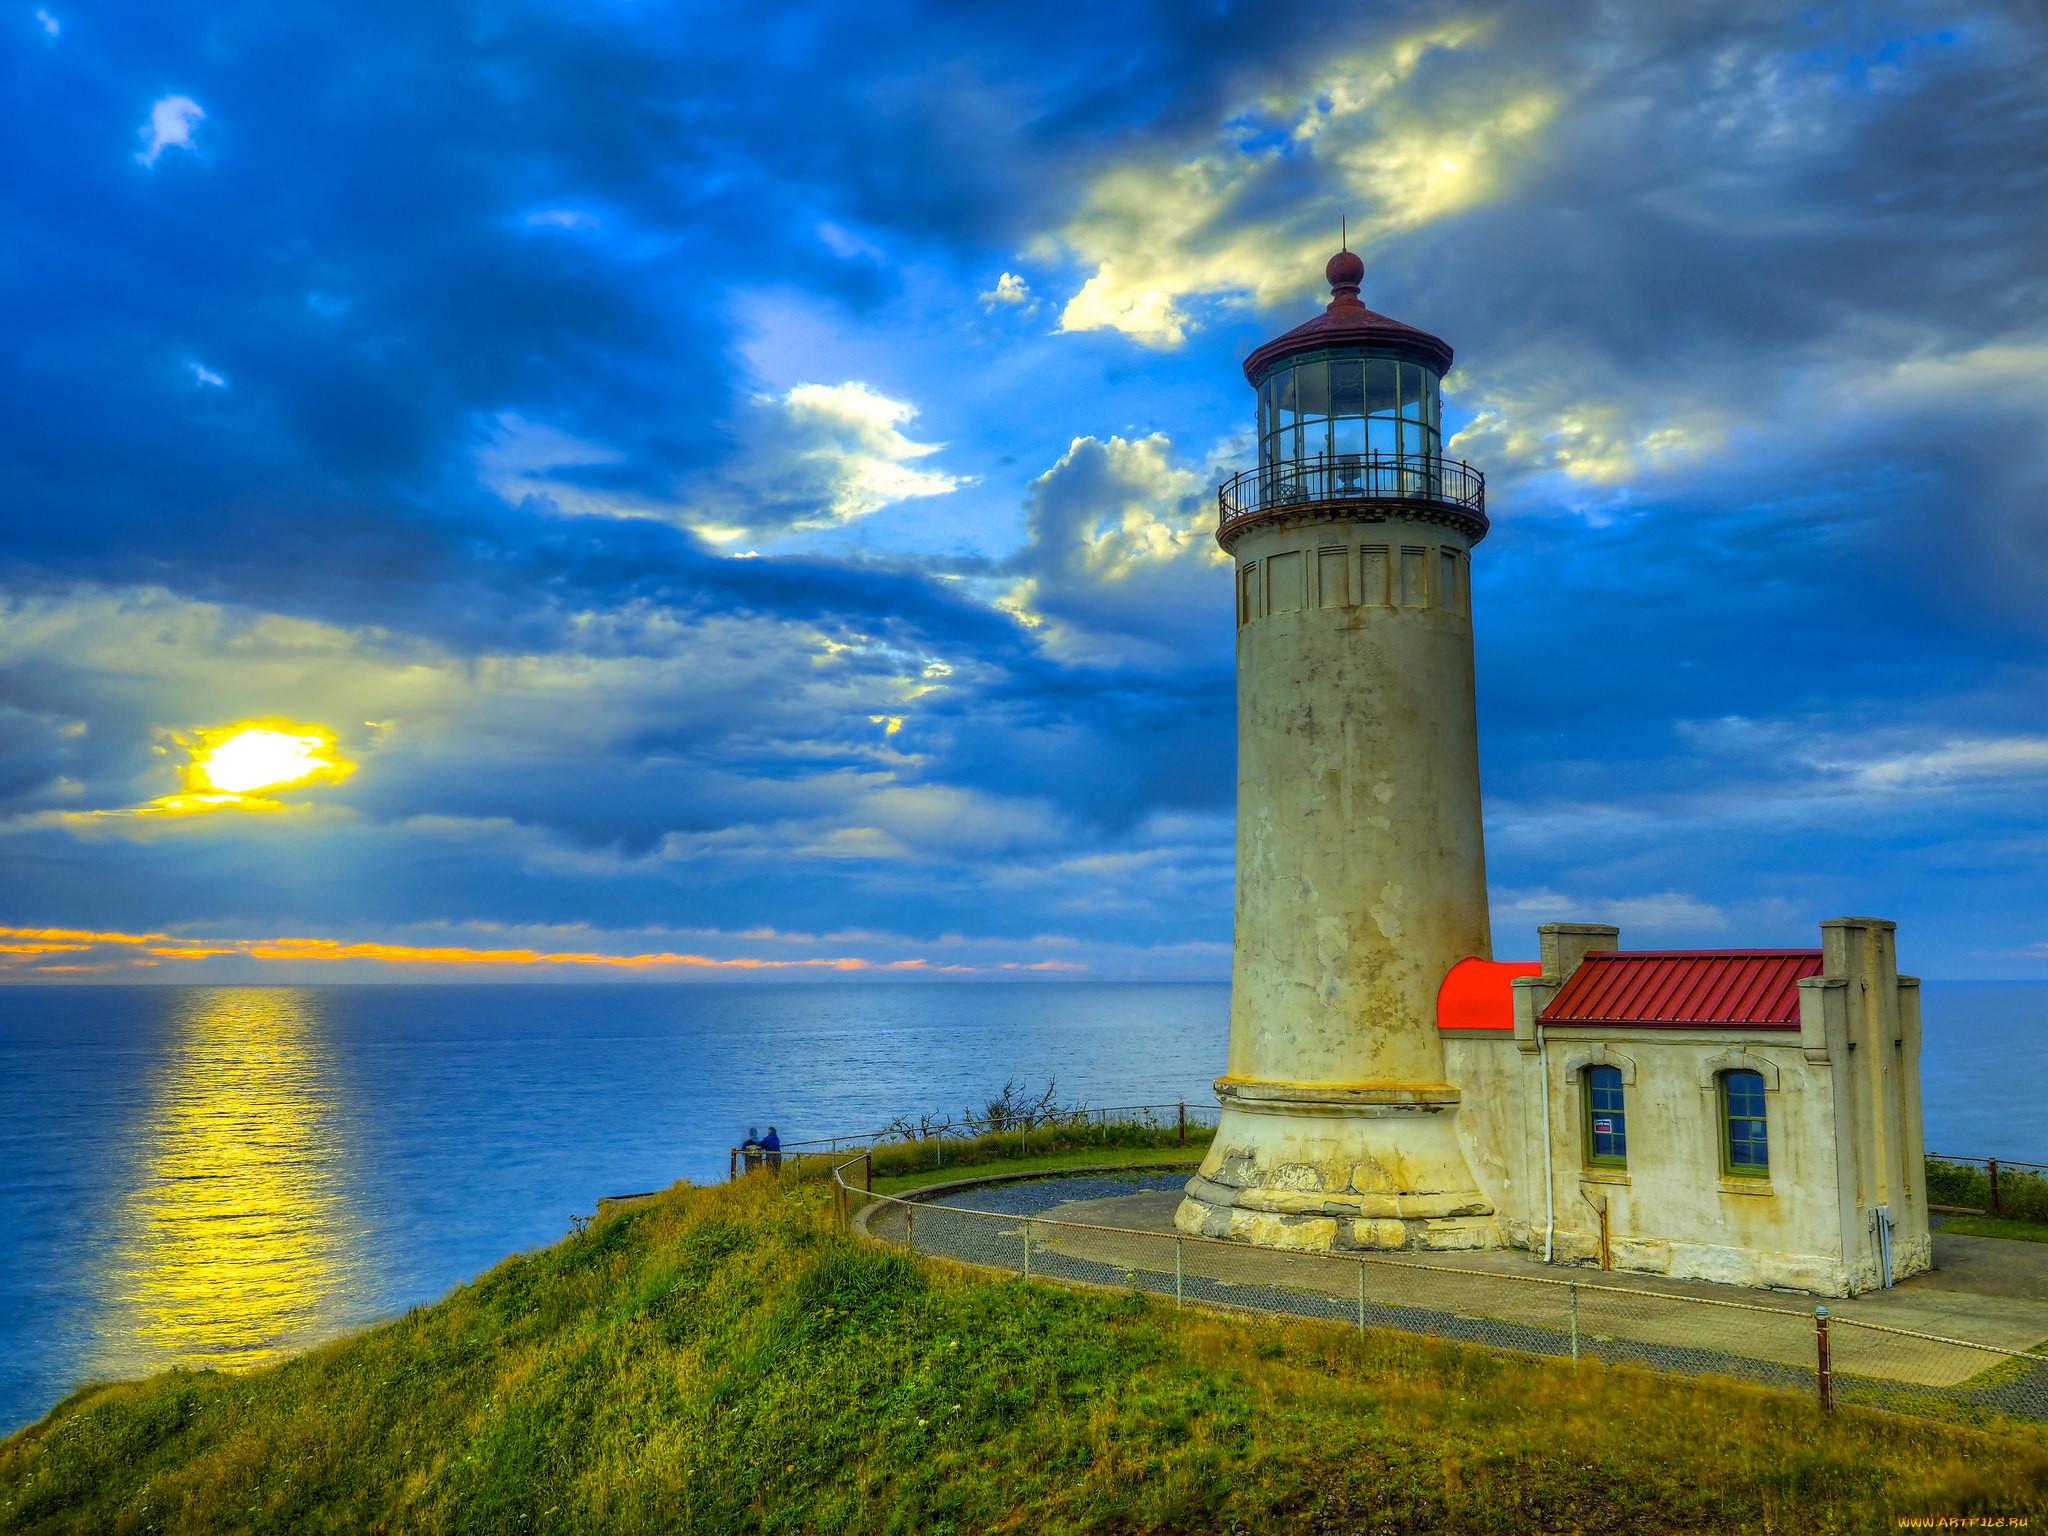 Фото маяка в море